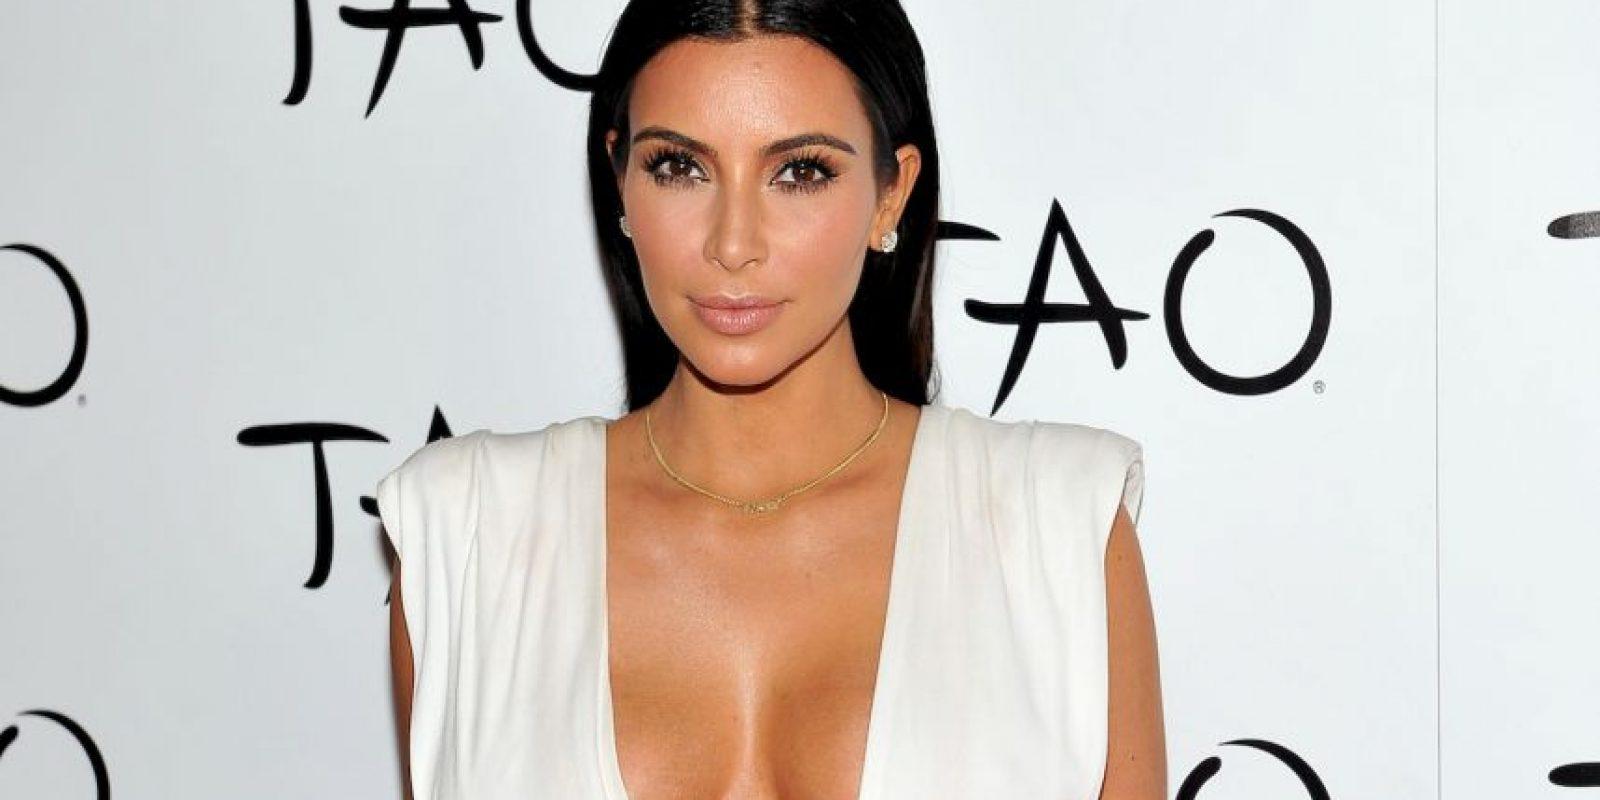 """""""Yo no me siento tan sexy como todo el mundo piensa. Soy mucho más insegura de lo que todos creen"""", reveló la socialite a la revista """"Glamour"""". Foto:Getty Images"""